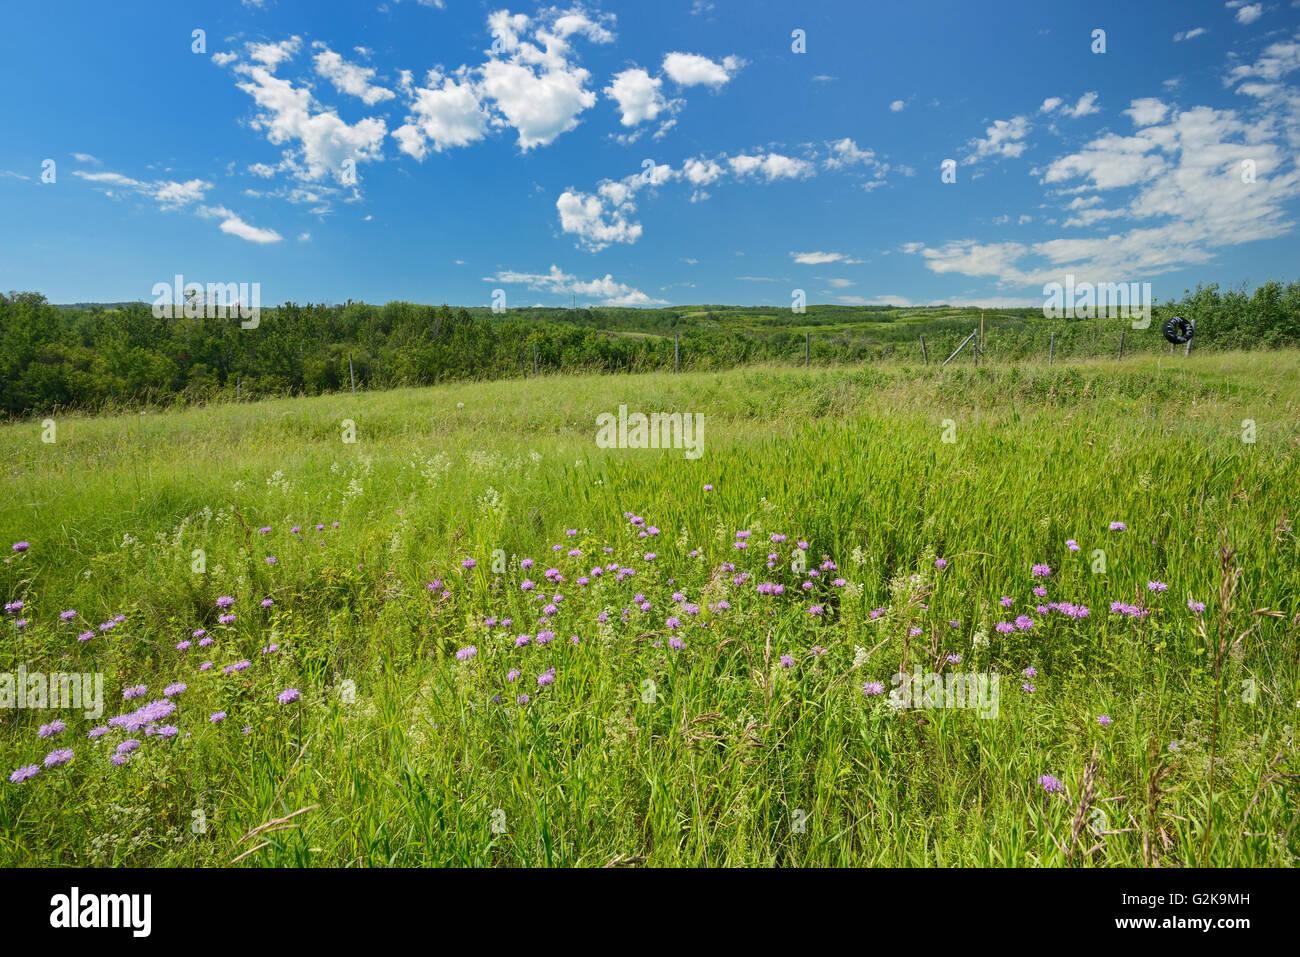 Wild bergamot or bee balm (Monarda fistulosa) flowers on the prairie of the Saskatoon Trail  Near Battleford Saskatchewan - Stock Image